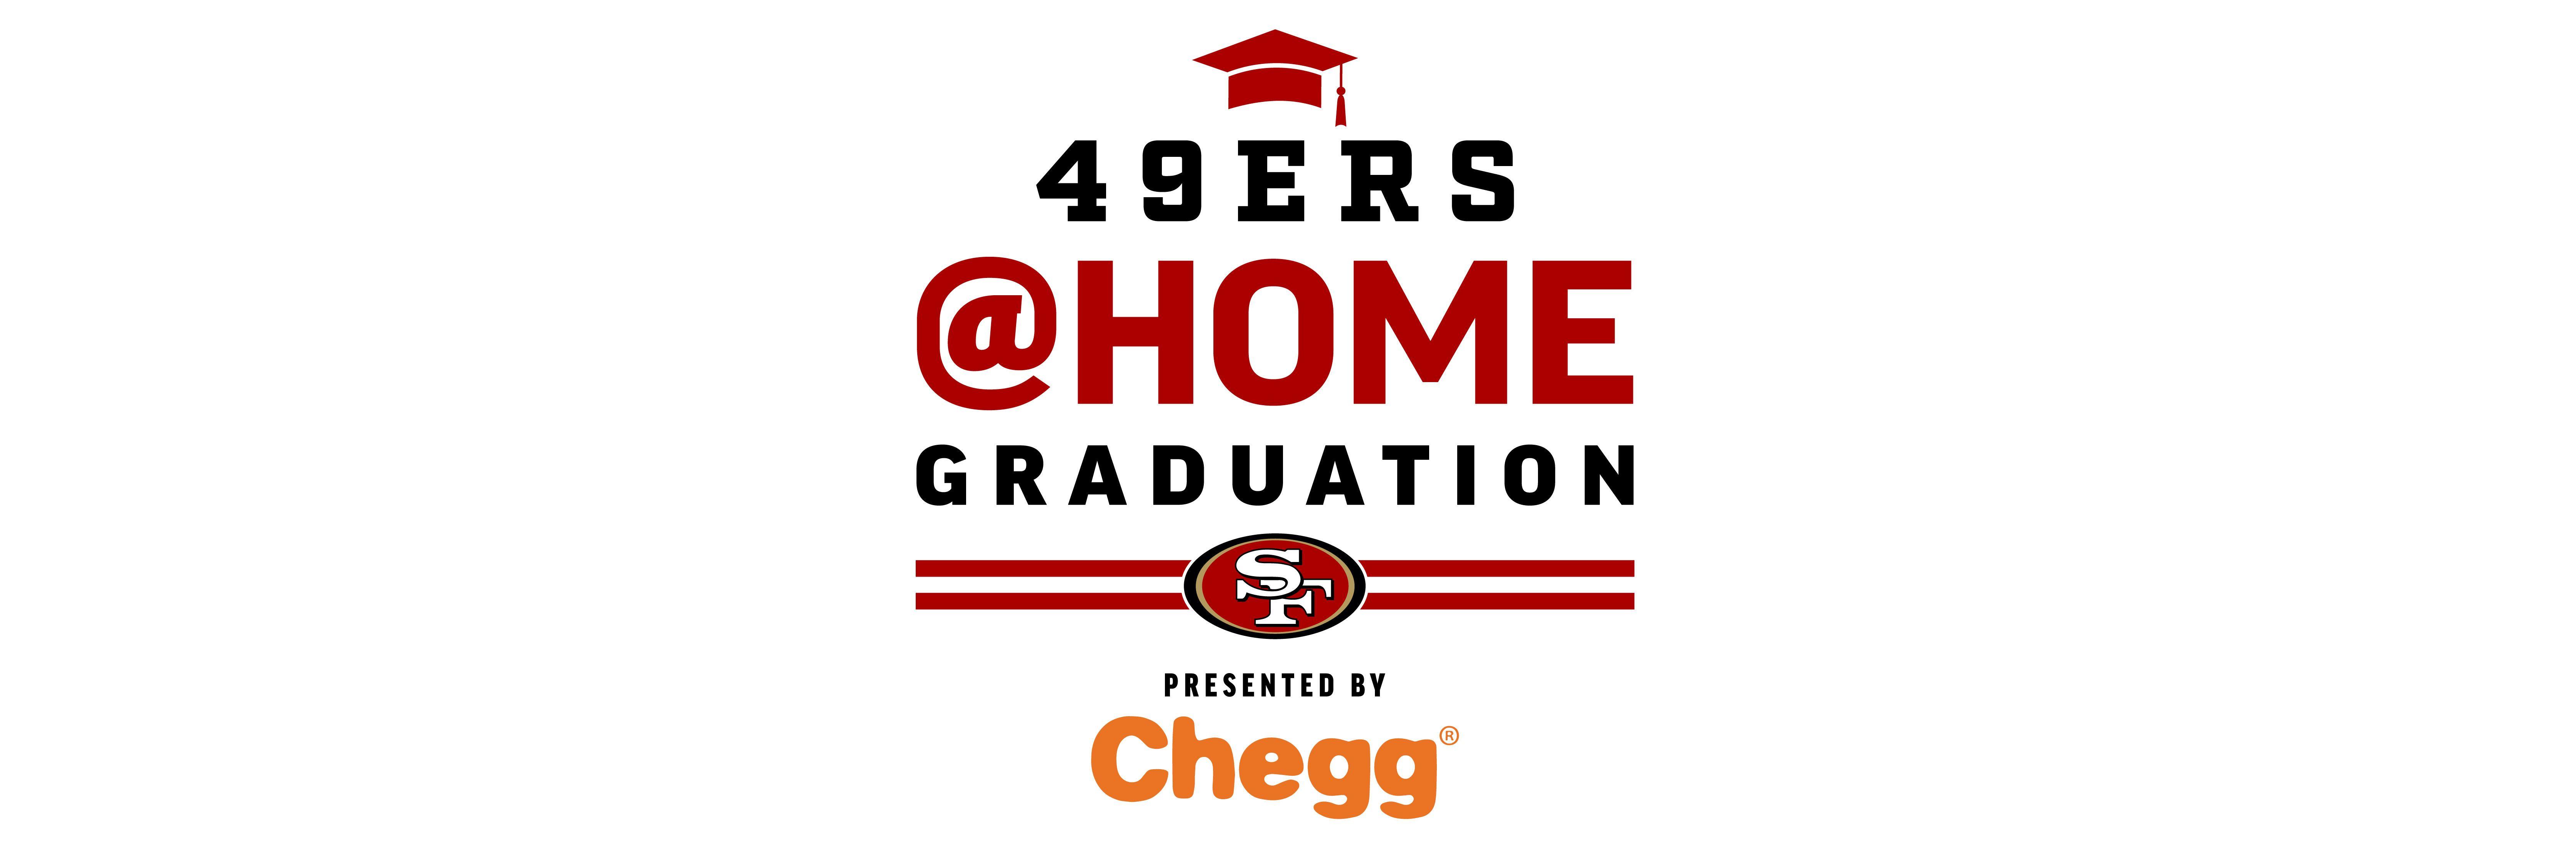 @HomeGraduation-Chegg-RGB-OnWhite